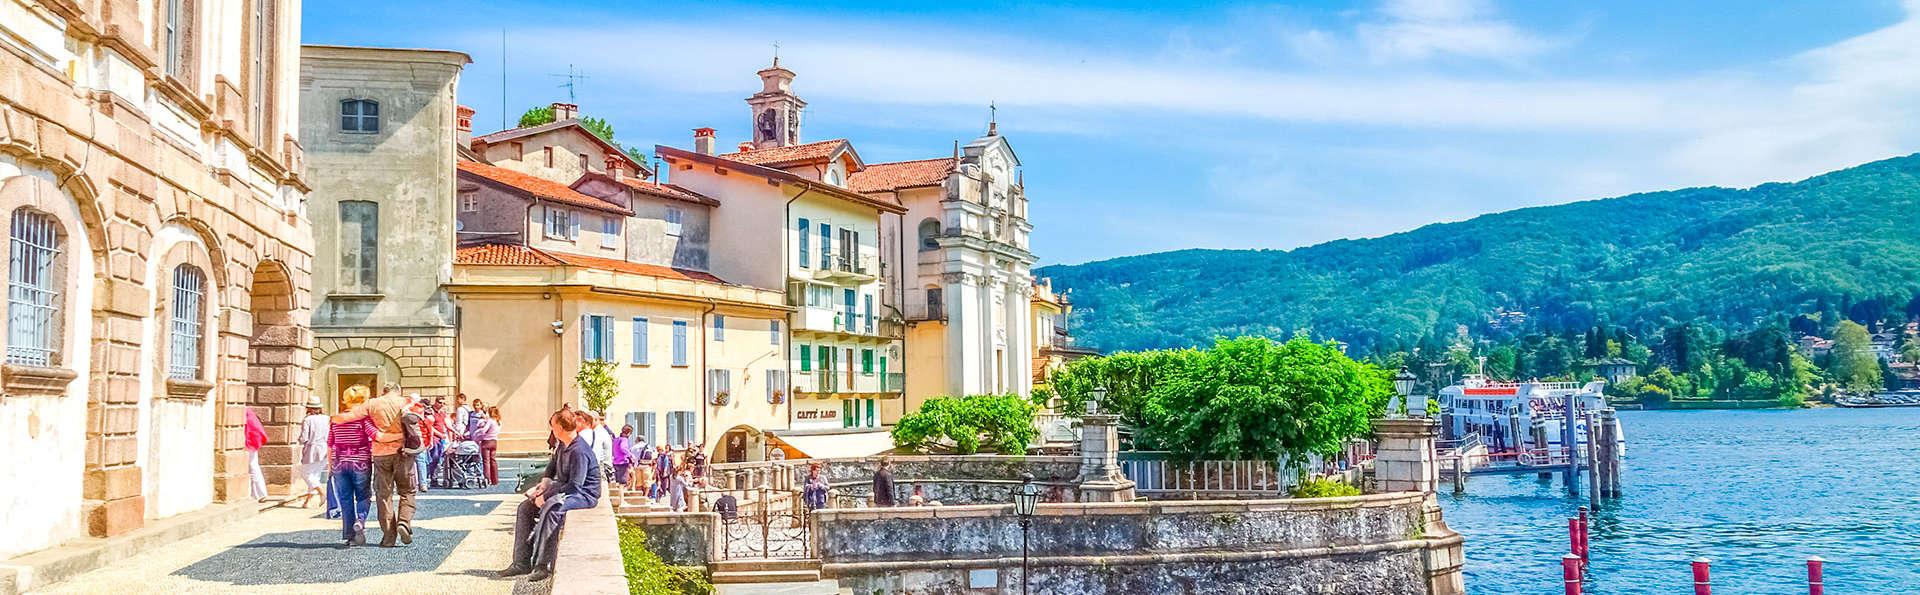 Notti in hotel in posizione perfetta per il Lago Maggiore e l'aeroporto di Malpensa!